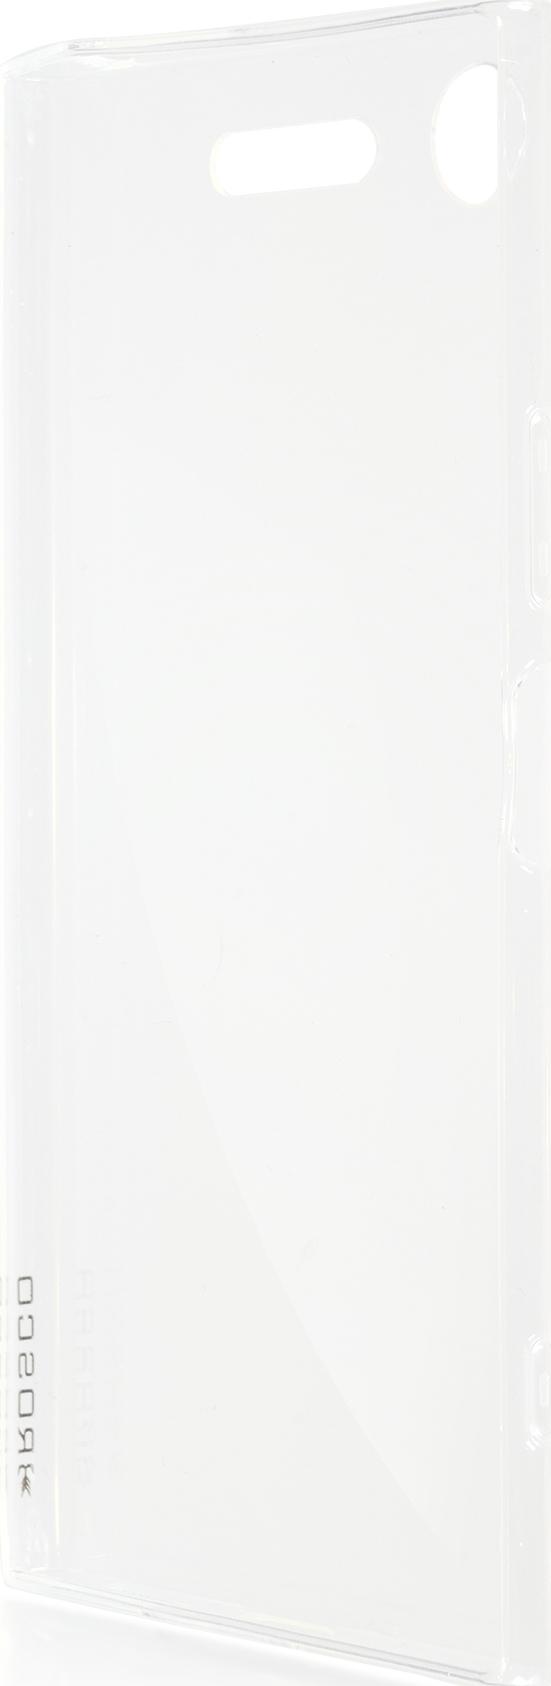 Чехол Brosco TPU для Sony Xperia XZ1, прозрачный